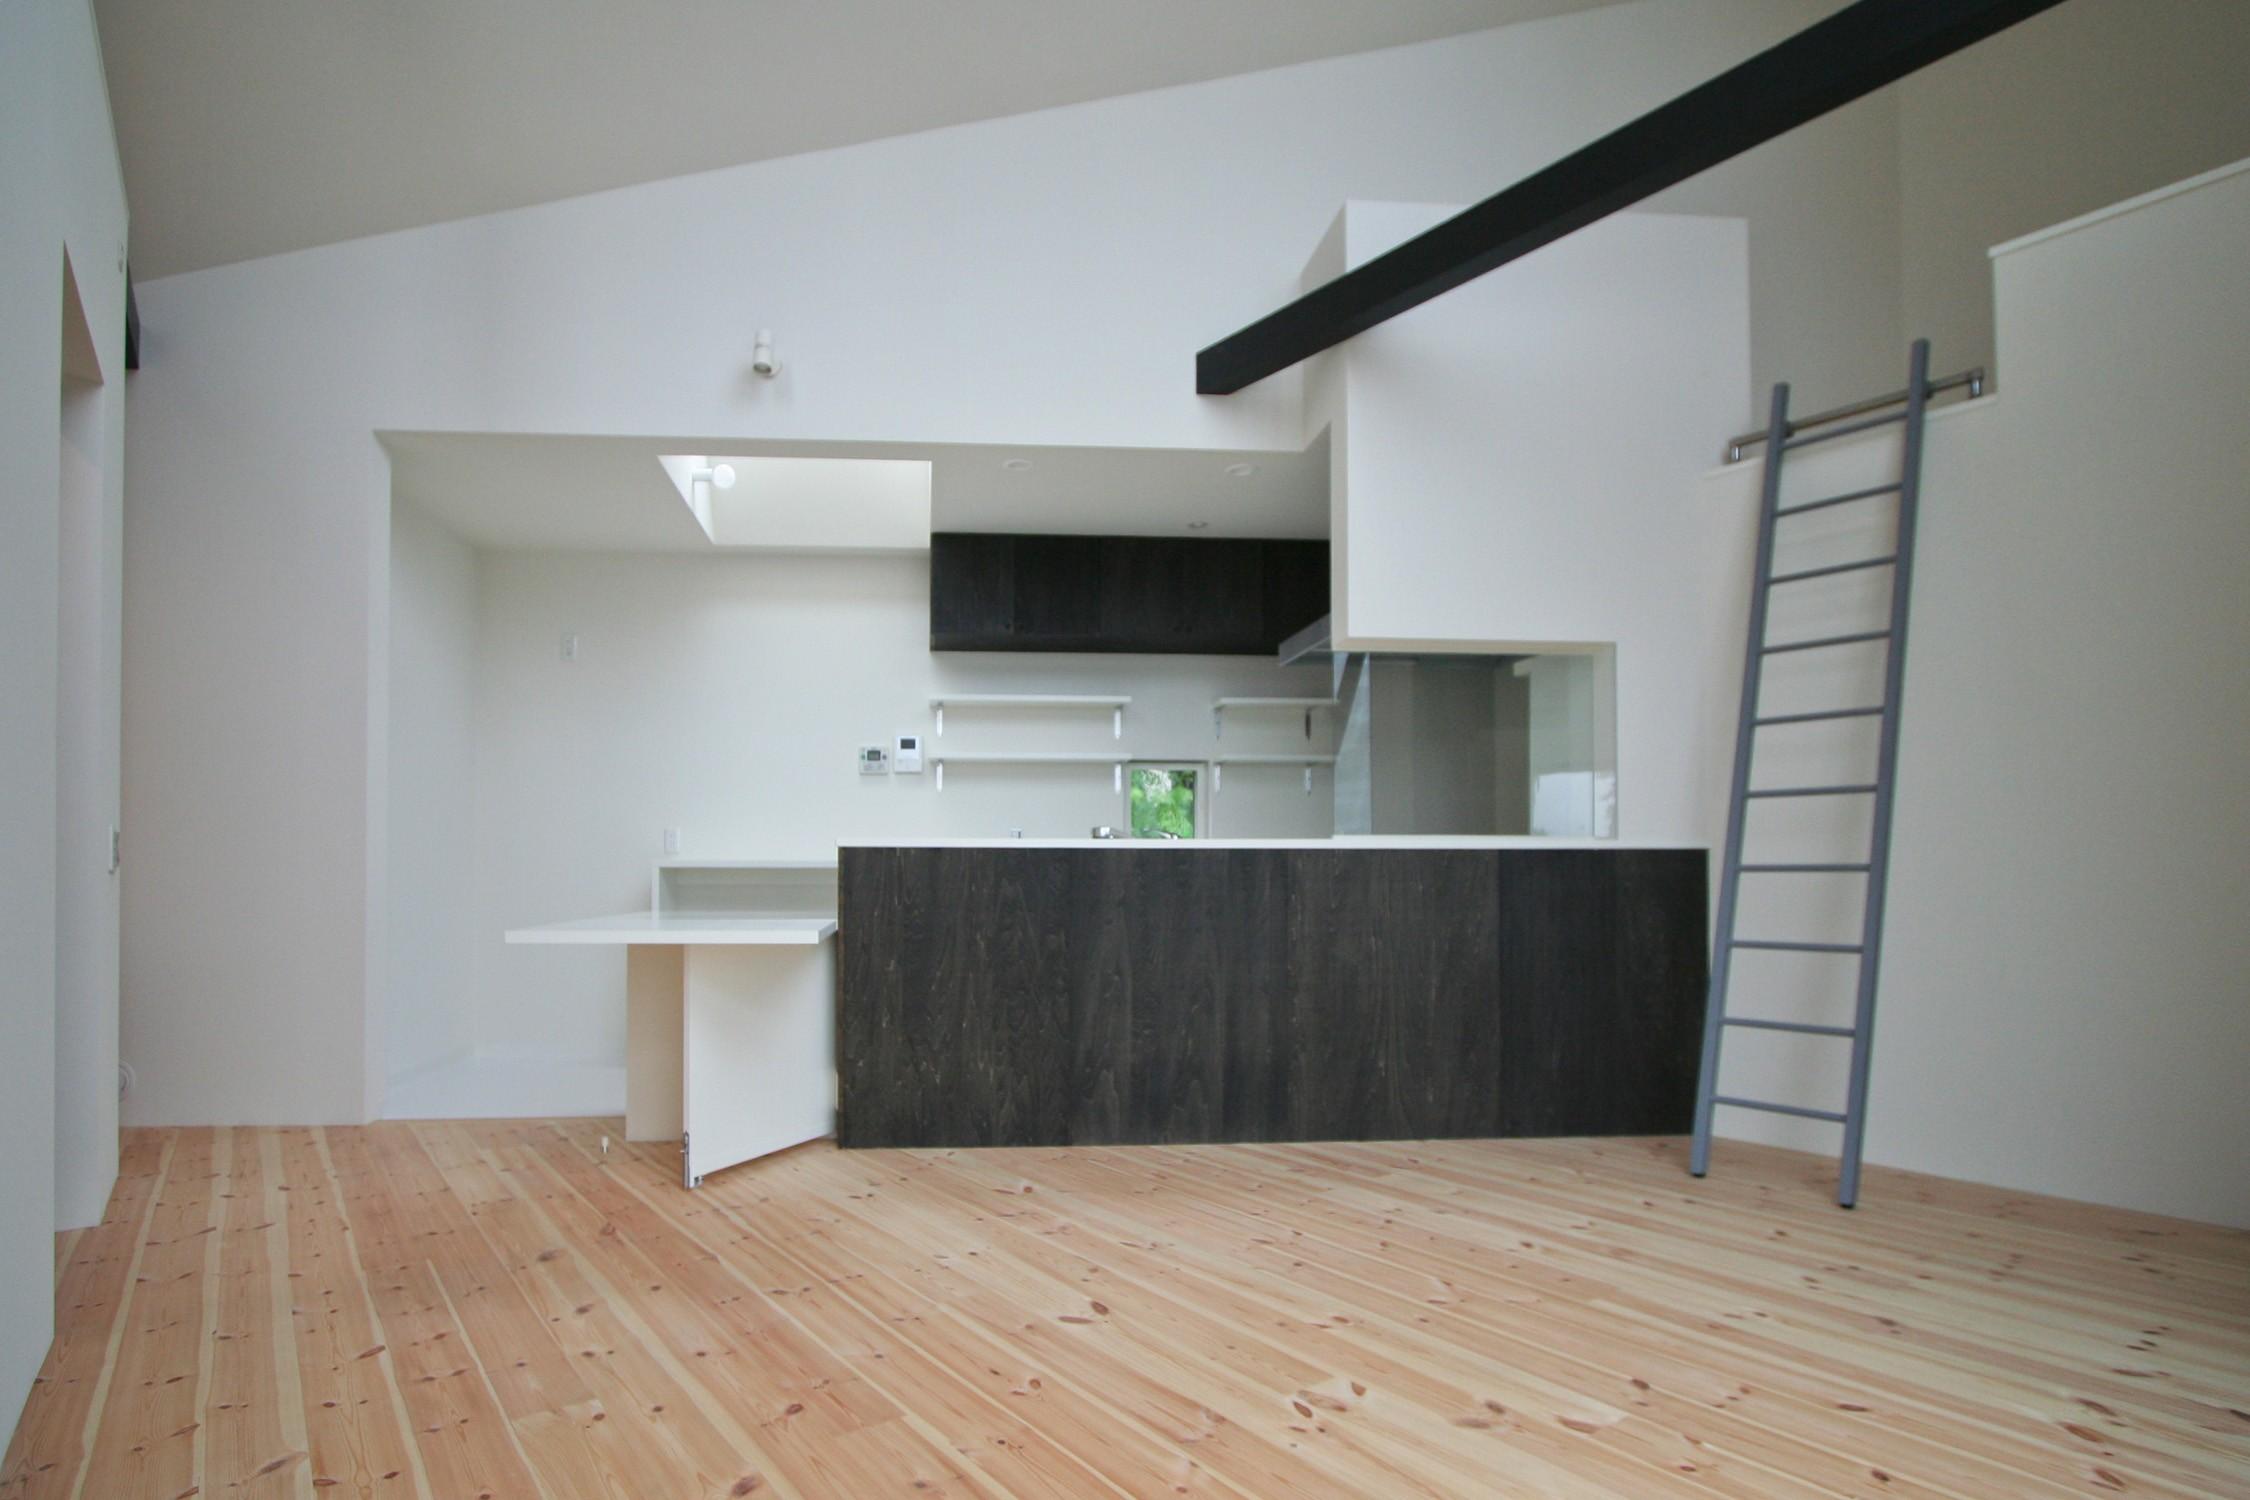 キッチン事例:ペニンシュラ型の対面キッチン(山梨の平屋の家)